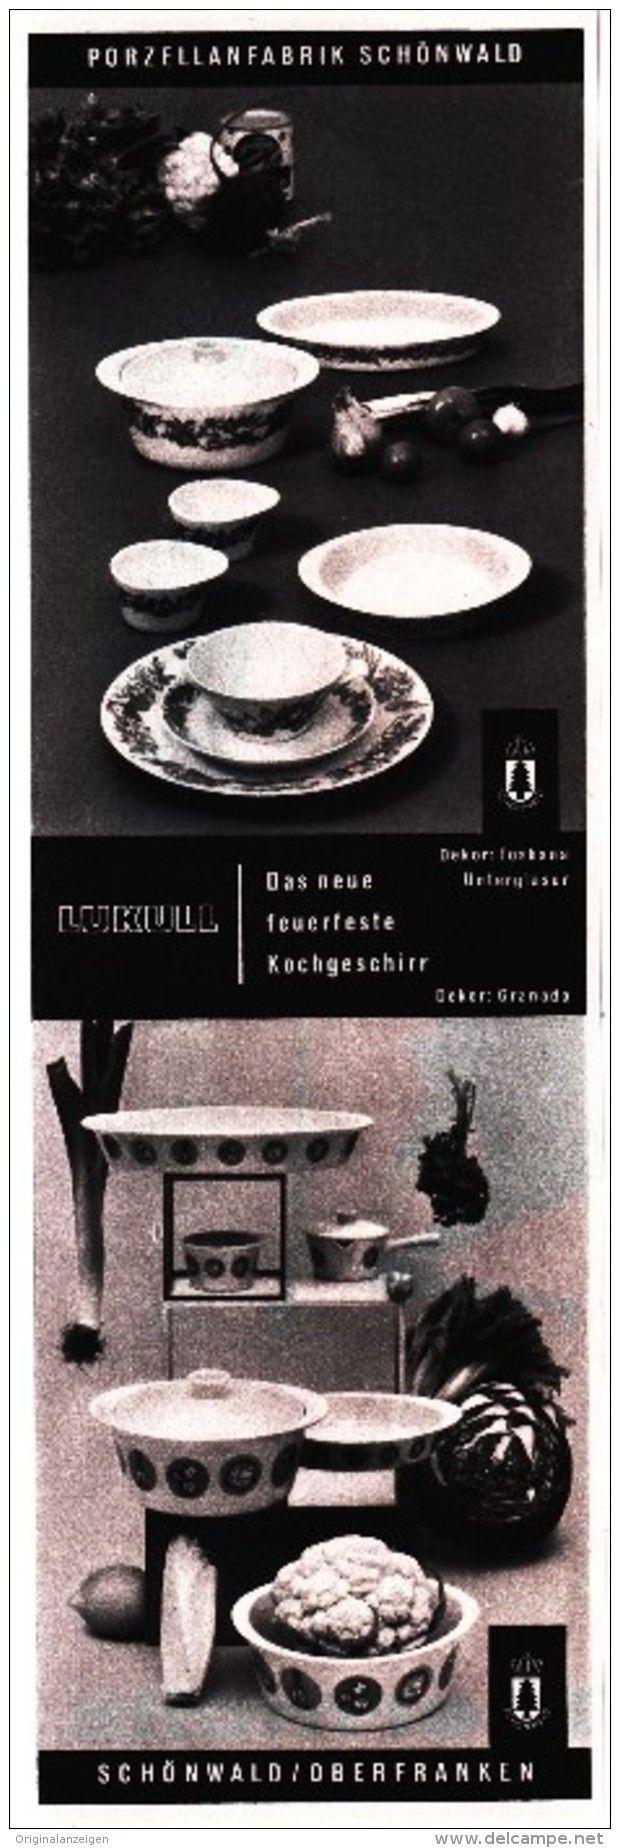 Original-Werbung/ Anzeige 1962 - LUKULL / PORZELLAN SCHÖNWALD - ca. 65 x 220 mm